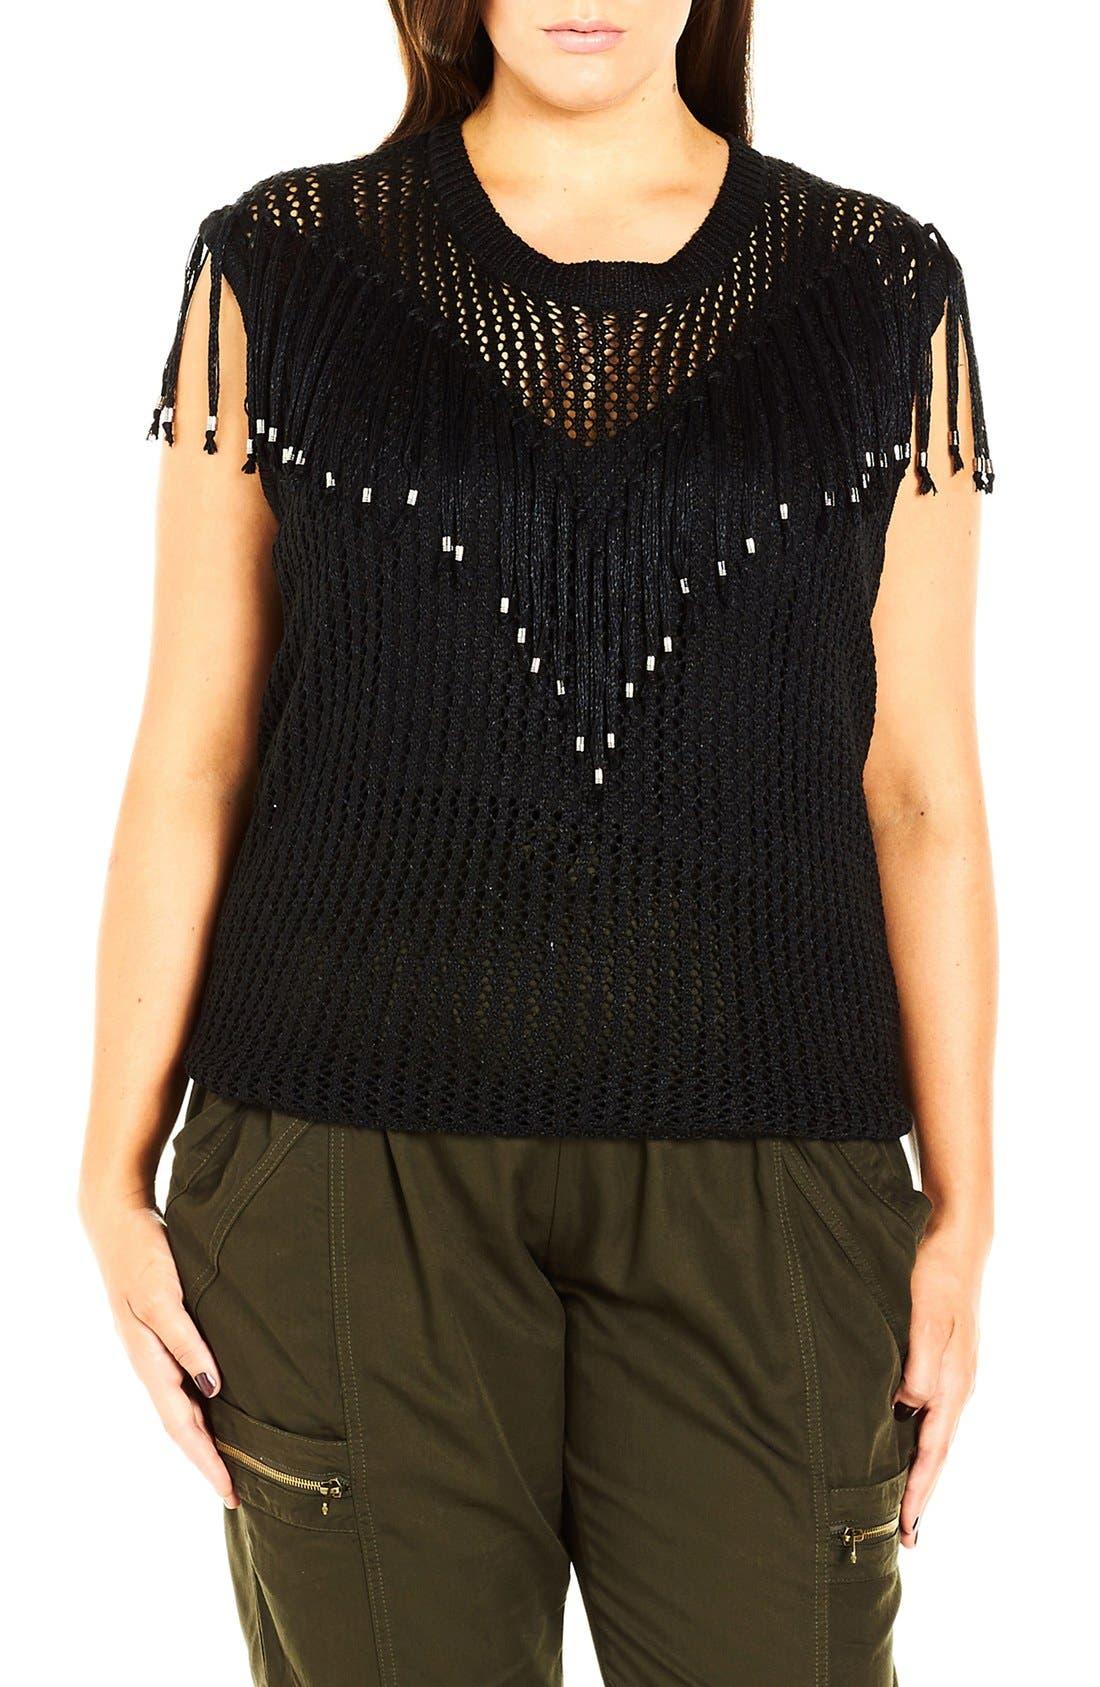 City Chic 'Fringe Fever' Sleeveless Sweater (Plus Size)